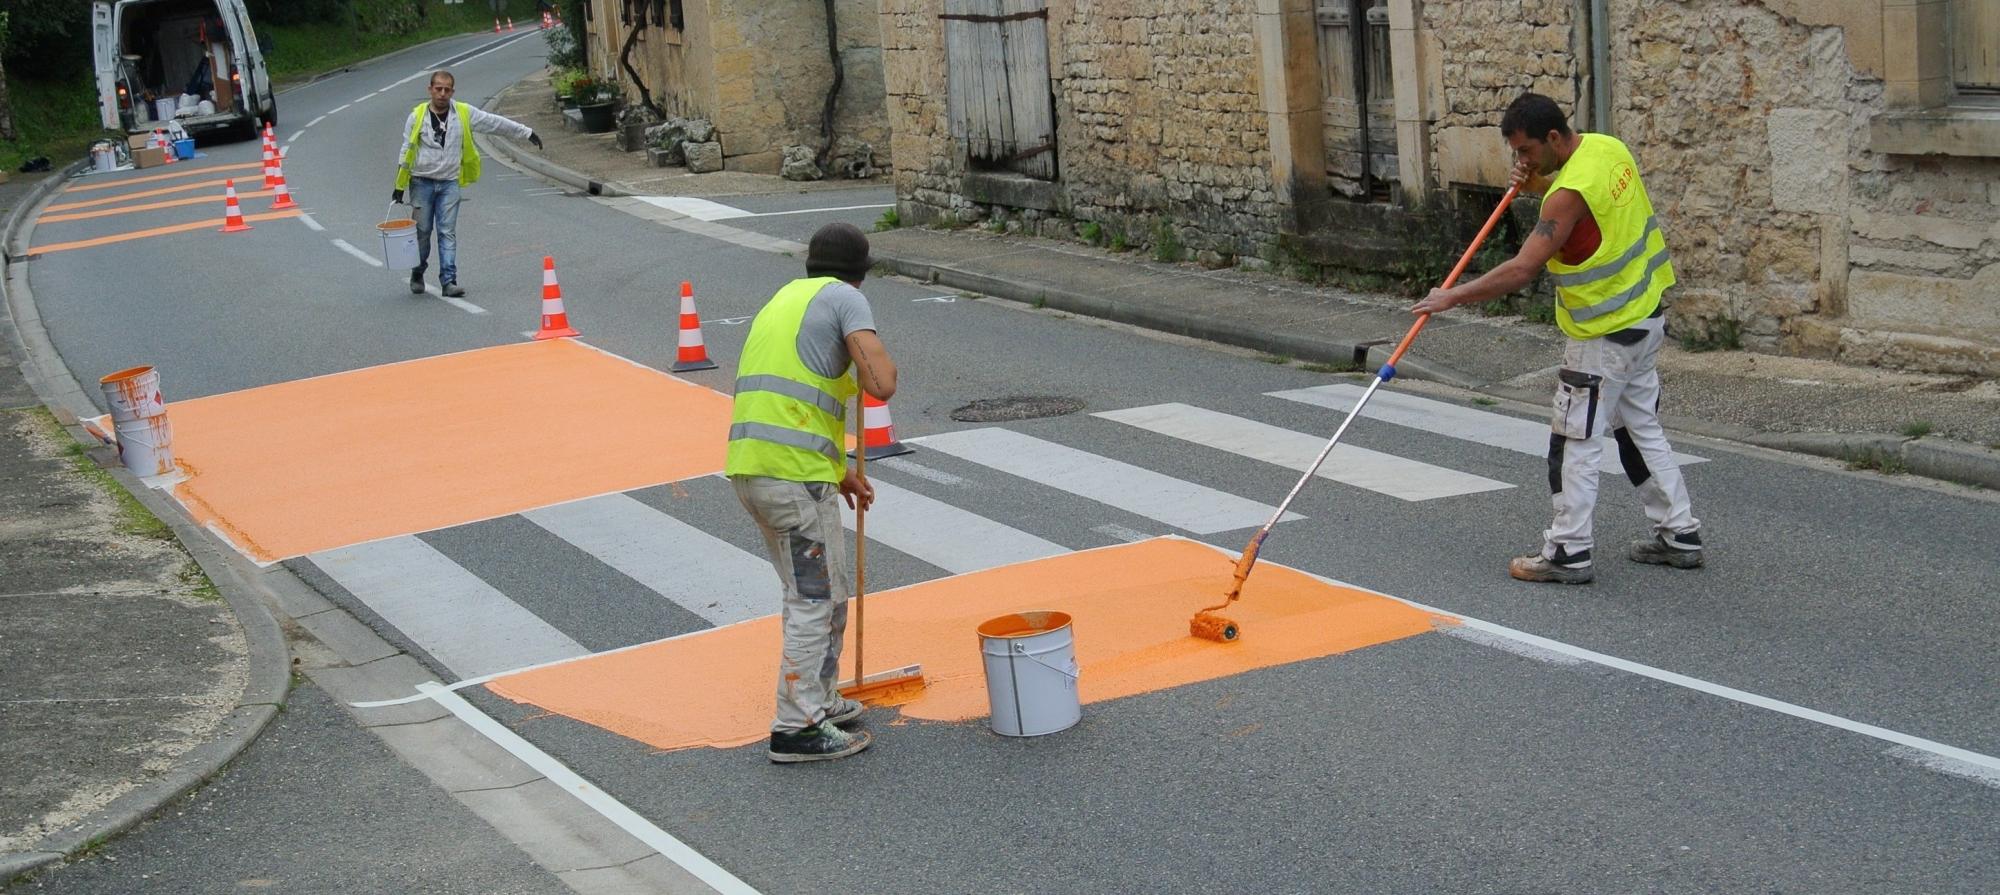 Application d'une peinture couleur d'aménagement urbain